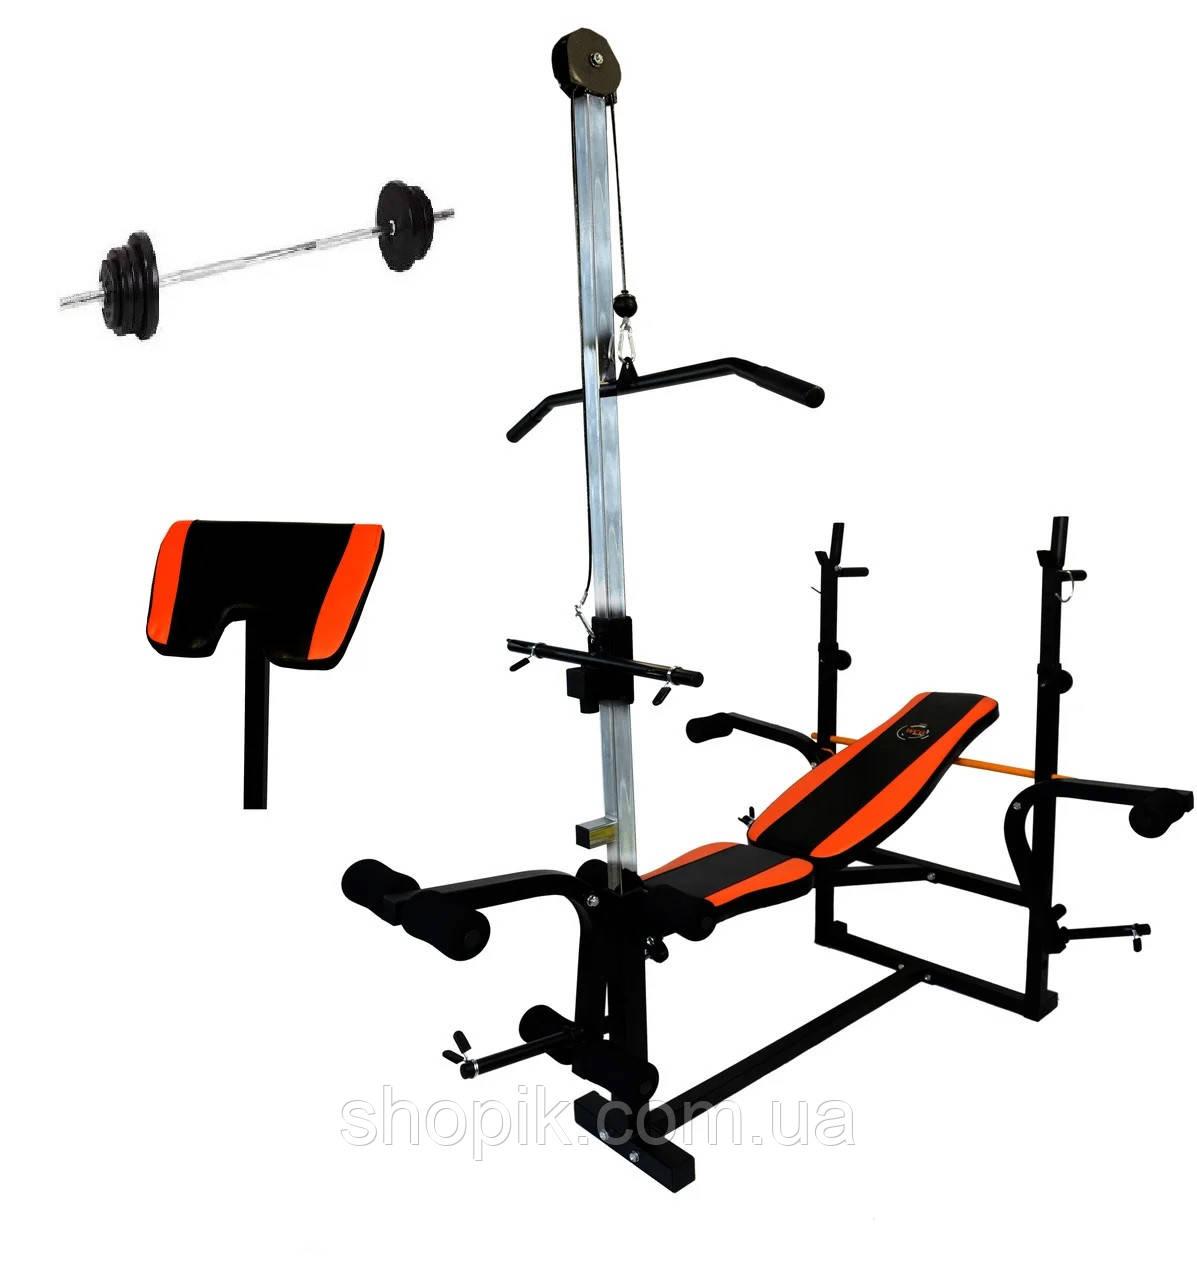 Лава тренувальна WCG 0070 + Тяга , скотта + штанга 50 кг, Лавка спортивна зі штангою 50 кг SHOPIK